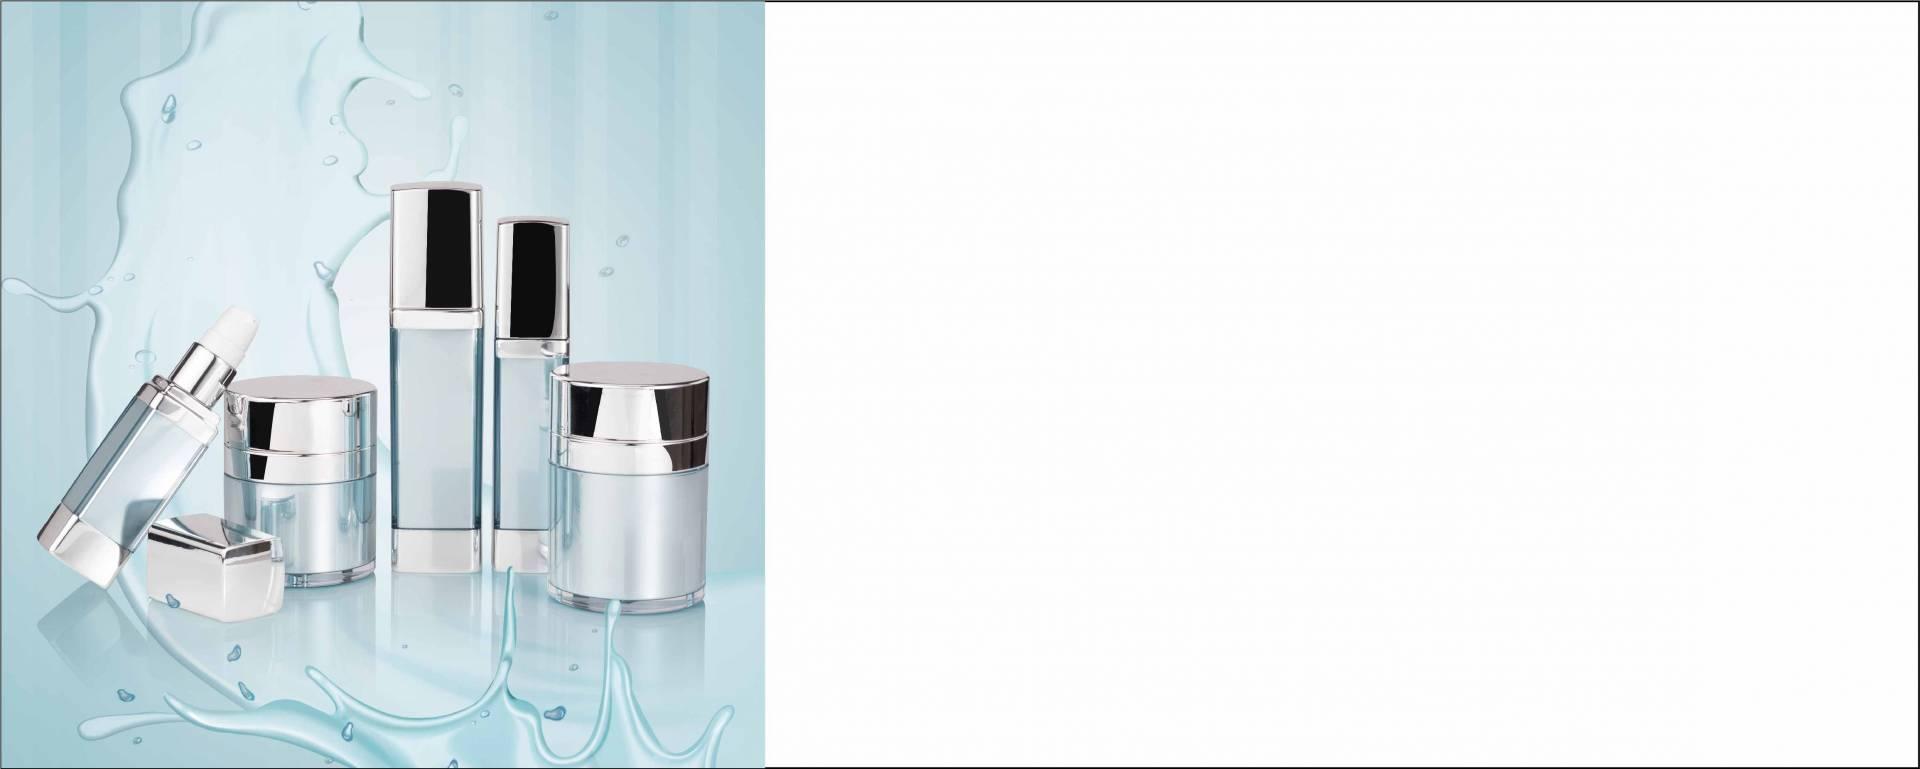 功能性真空亞克力 化妝品包材 各種真空亞克力瓶器,讓您的保養品更加衛生、穩定、零殘留